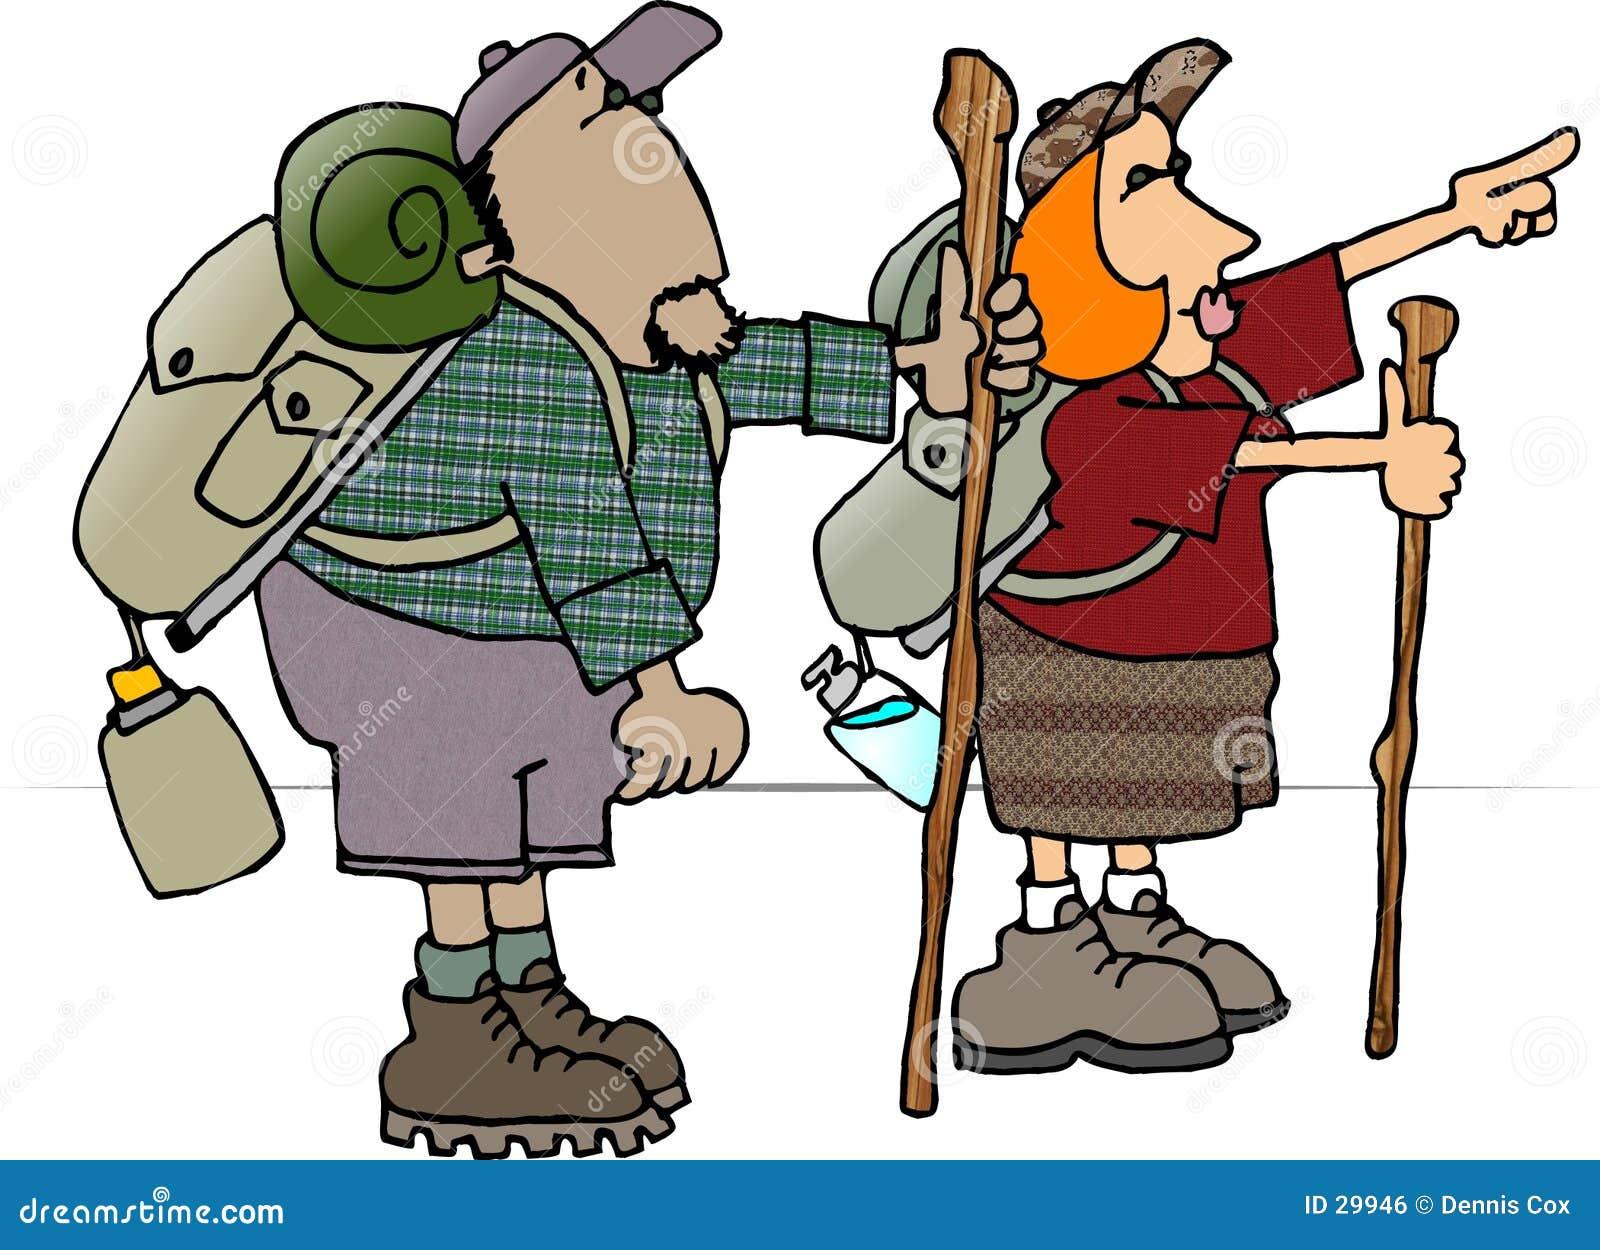 Viaggiatori con zaino e sacco a pelo